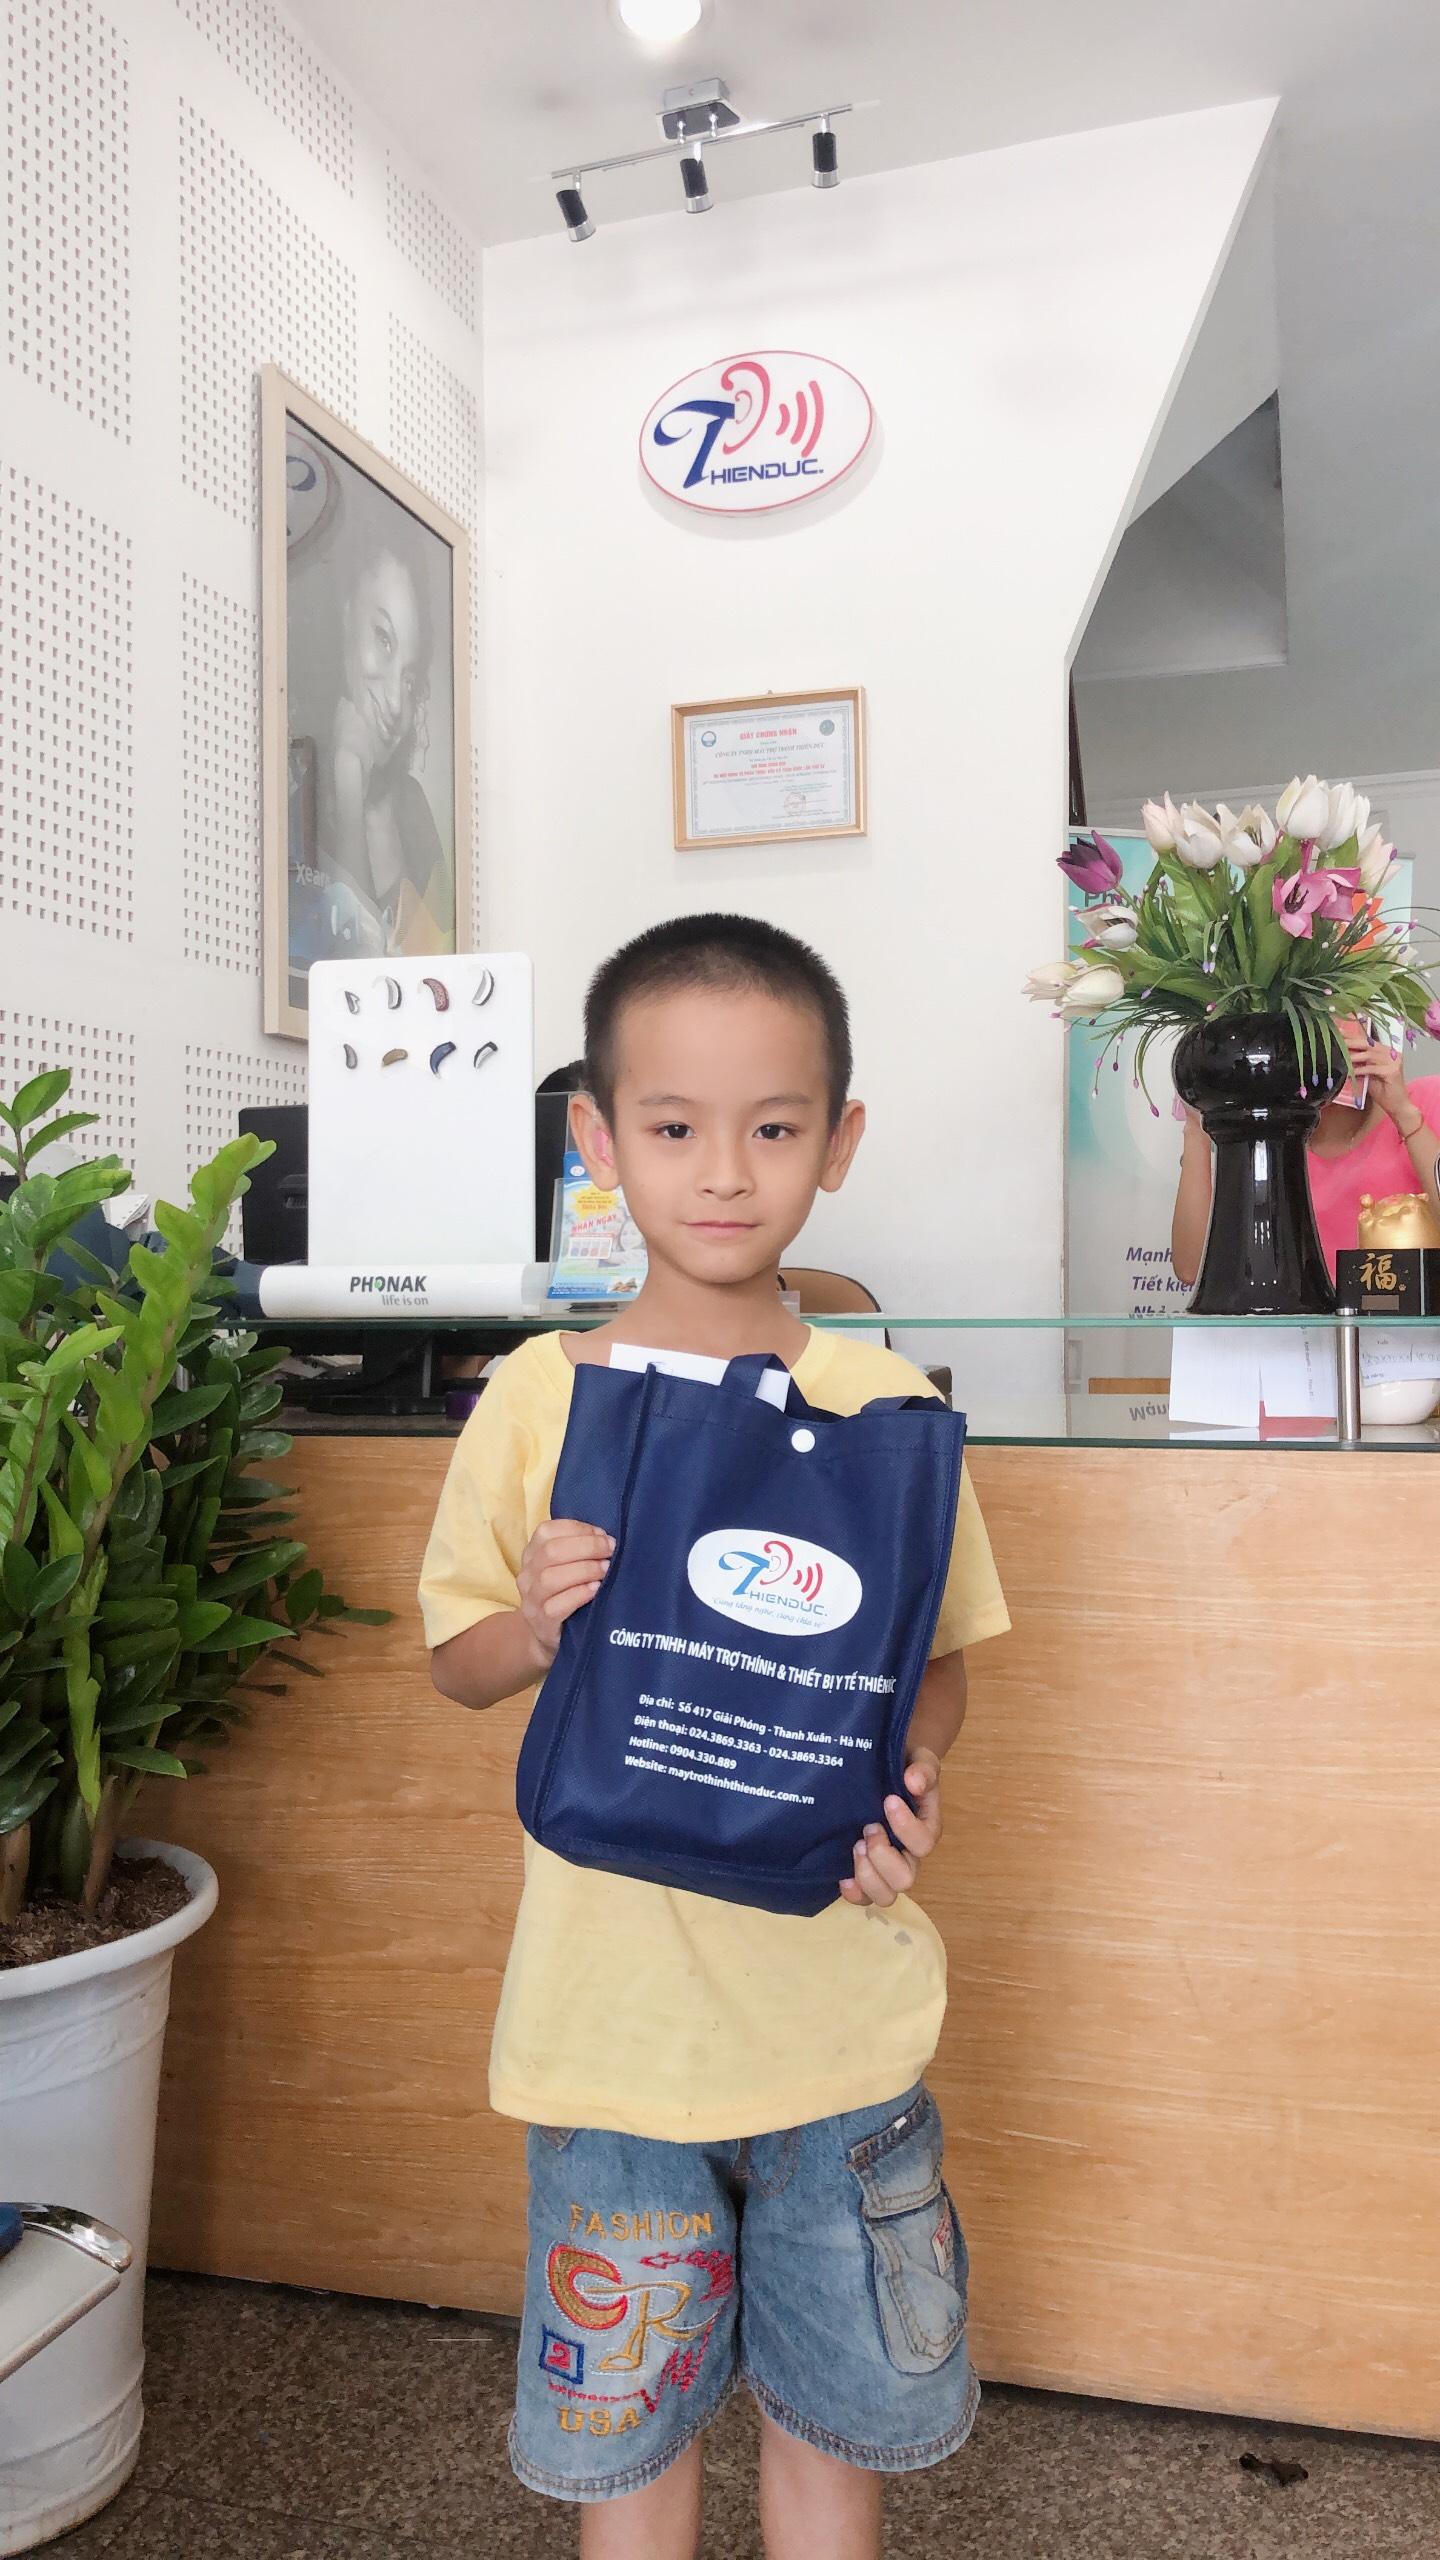 Trao tặng máy trợ thính 20 kênh cho bé Lê Quyết Trí - Vĩnh Phúc